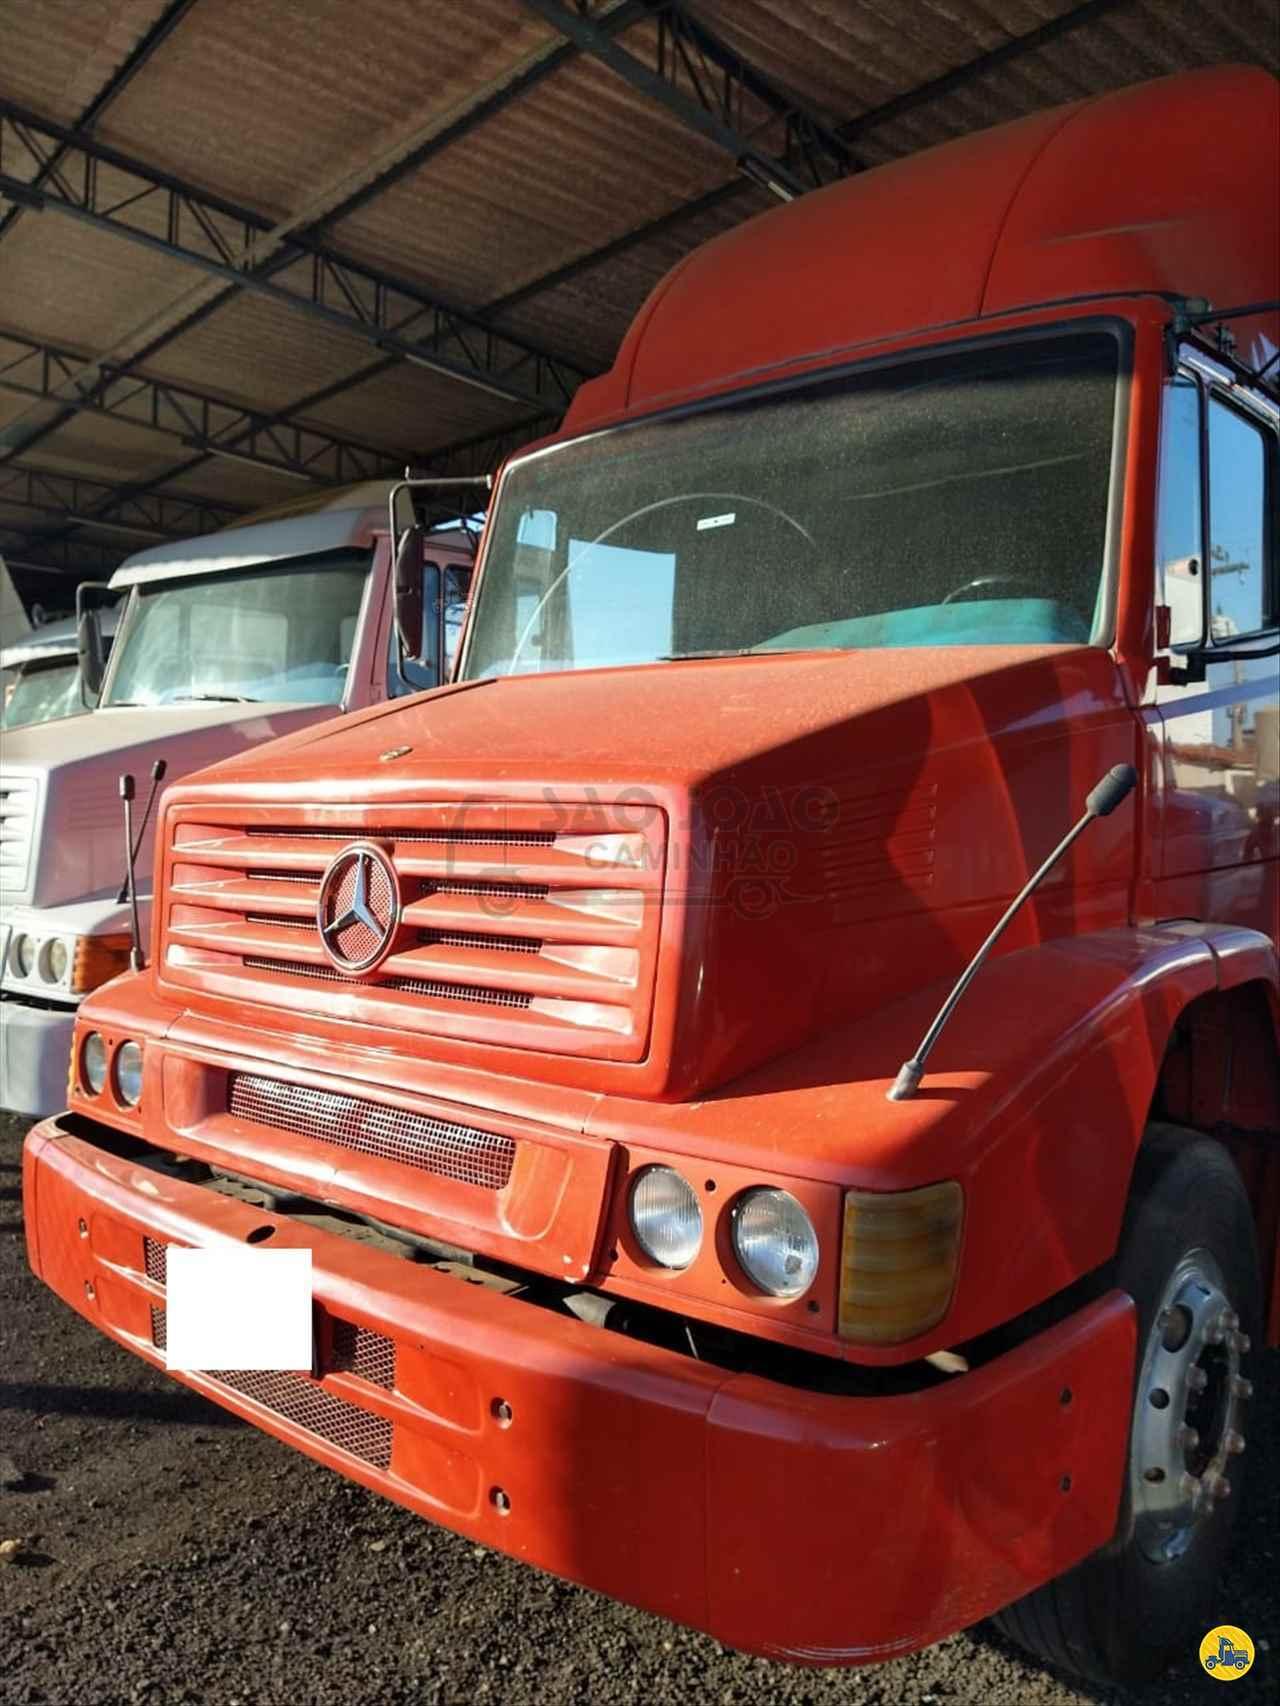 CAMINHAO MERCEDES-BENZ MB 1218 Chassis Truck 6x2 São João Caminhão SAO JOAO DA BOA VISTA SÃO PAULO SP